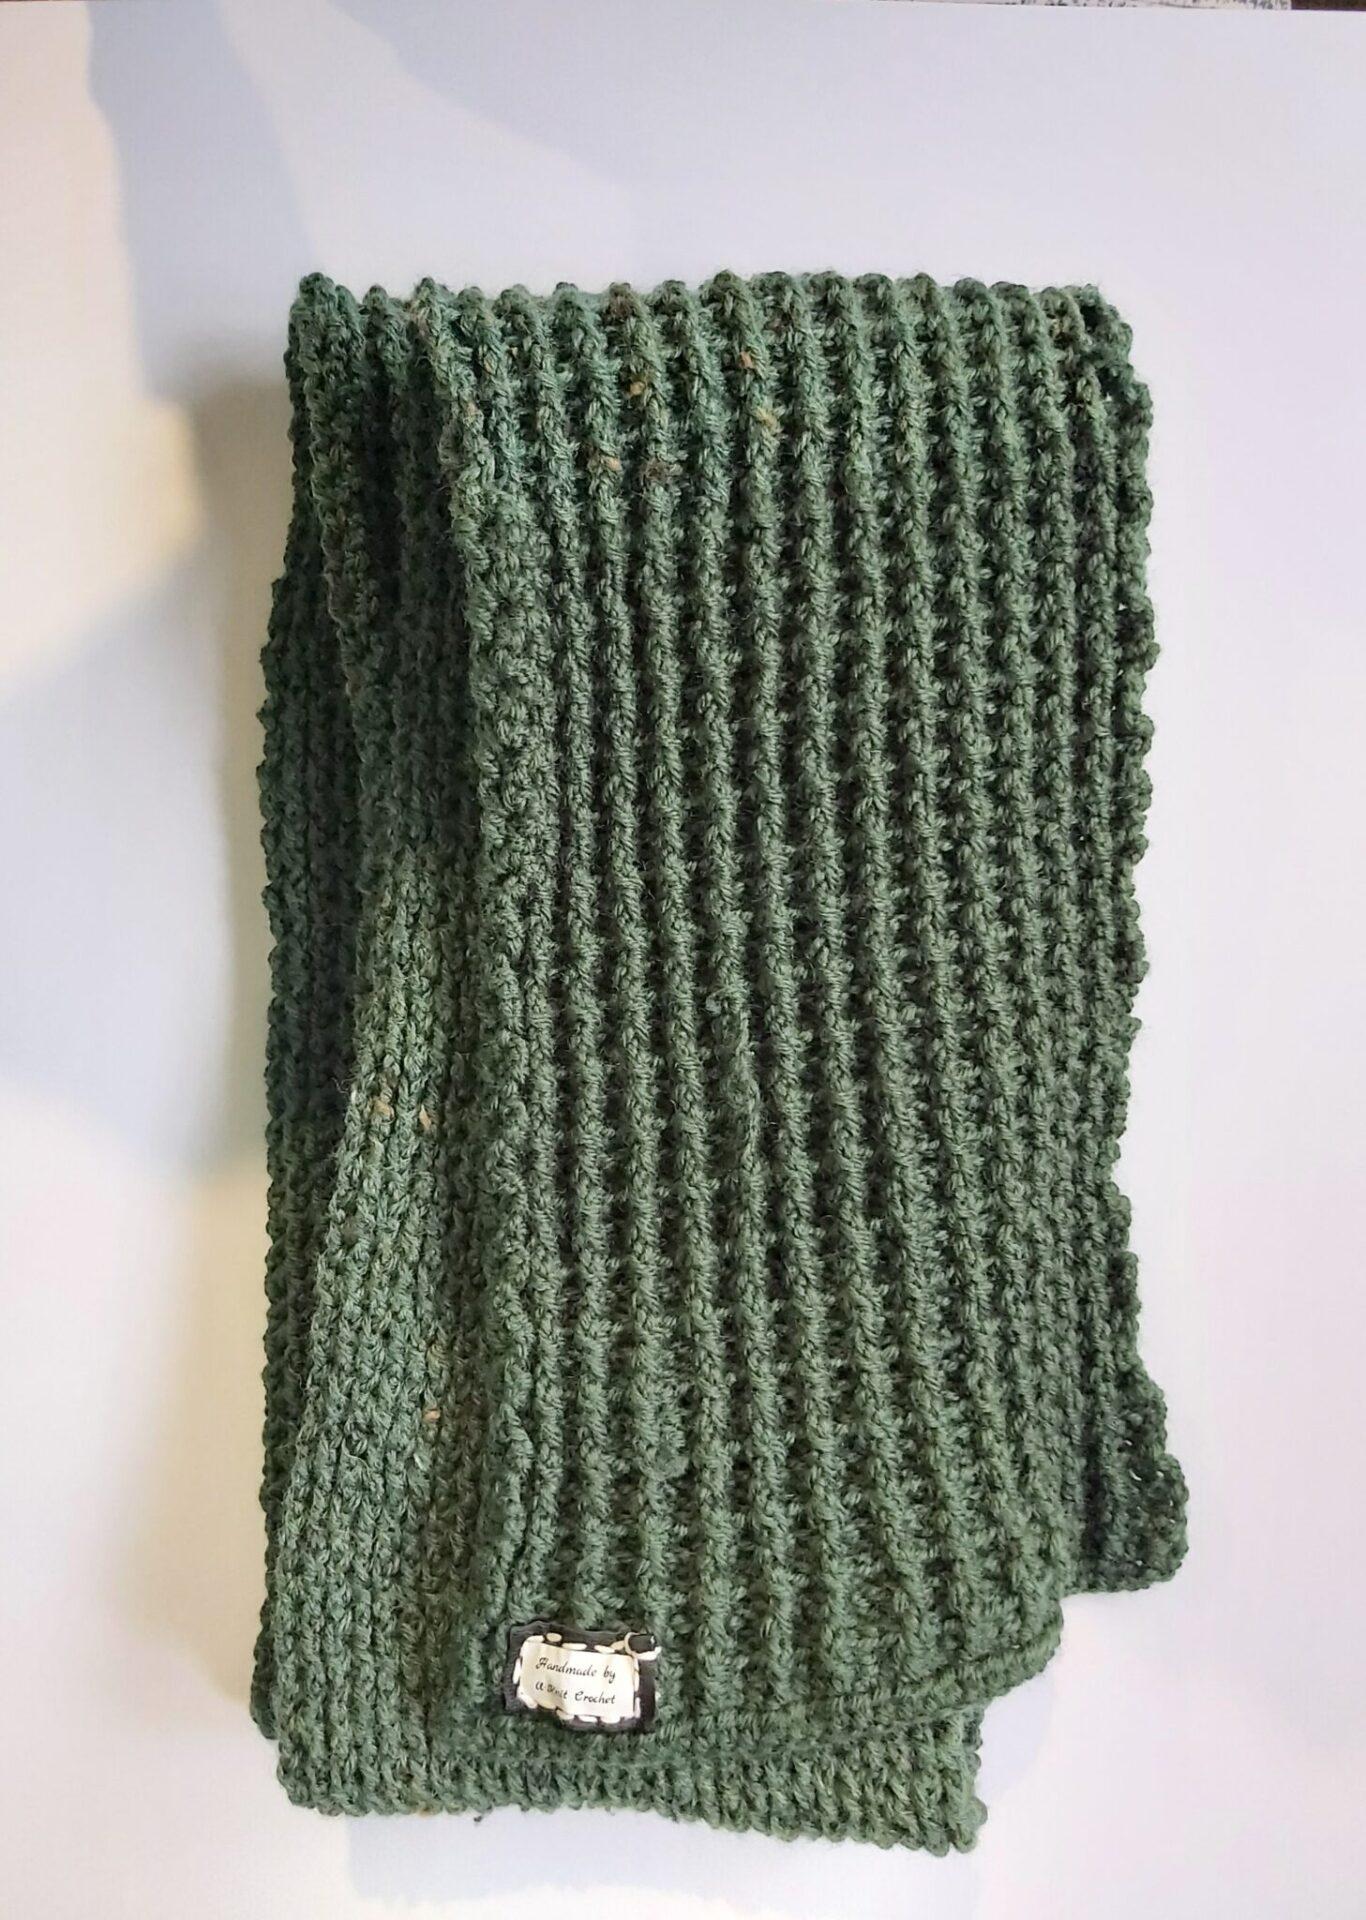 Emerald Scarf Handmade By U-Knit Crochet